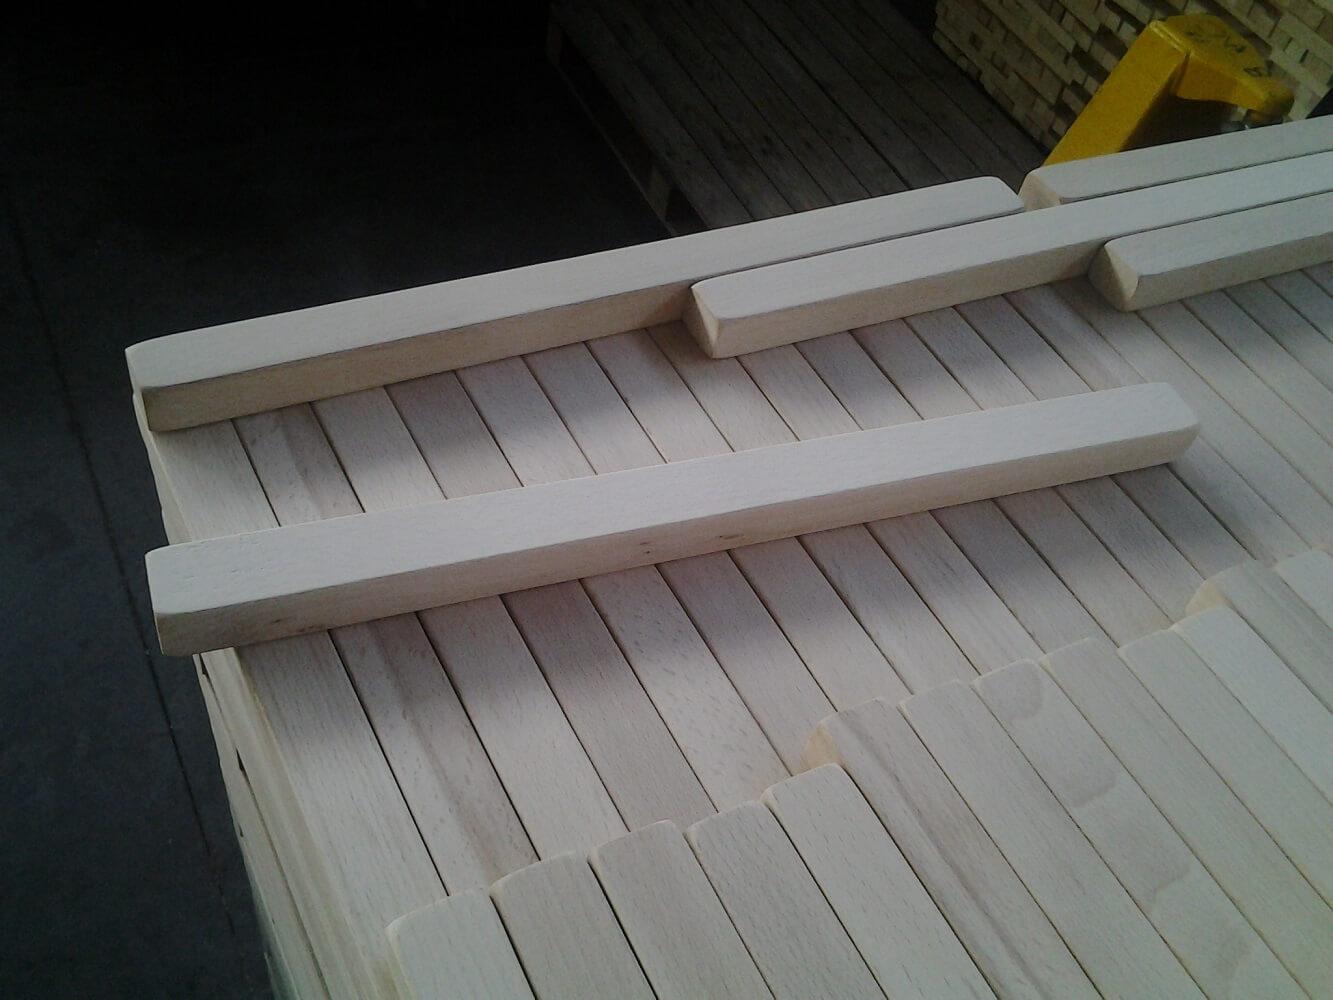 Beech wood mouldings